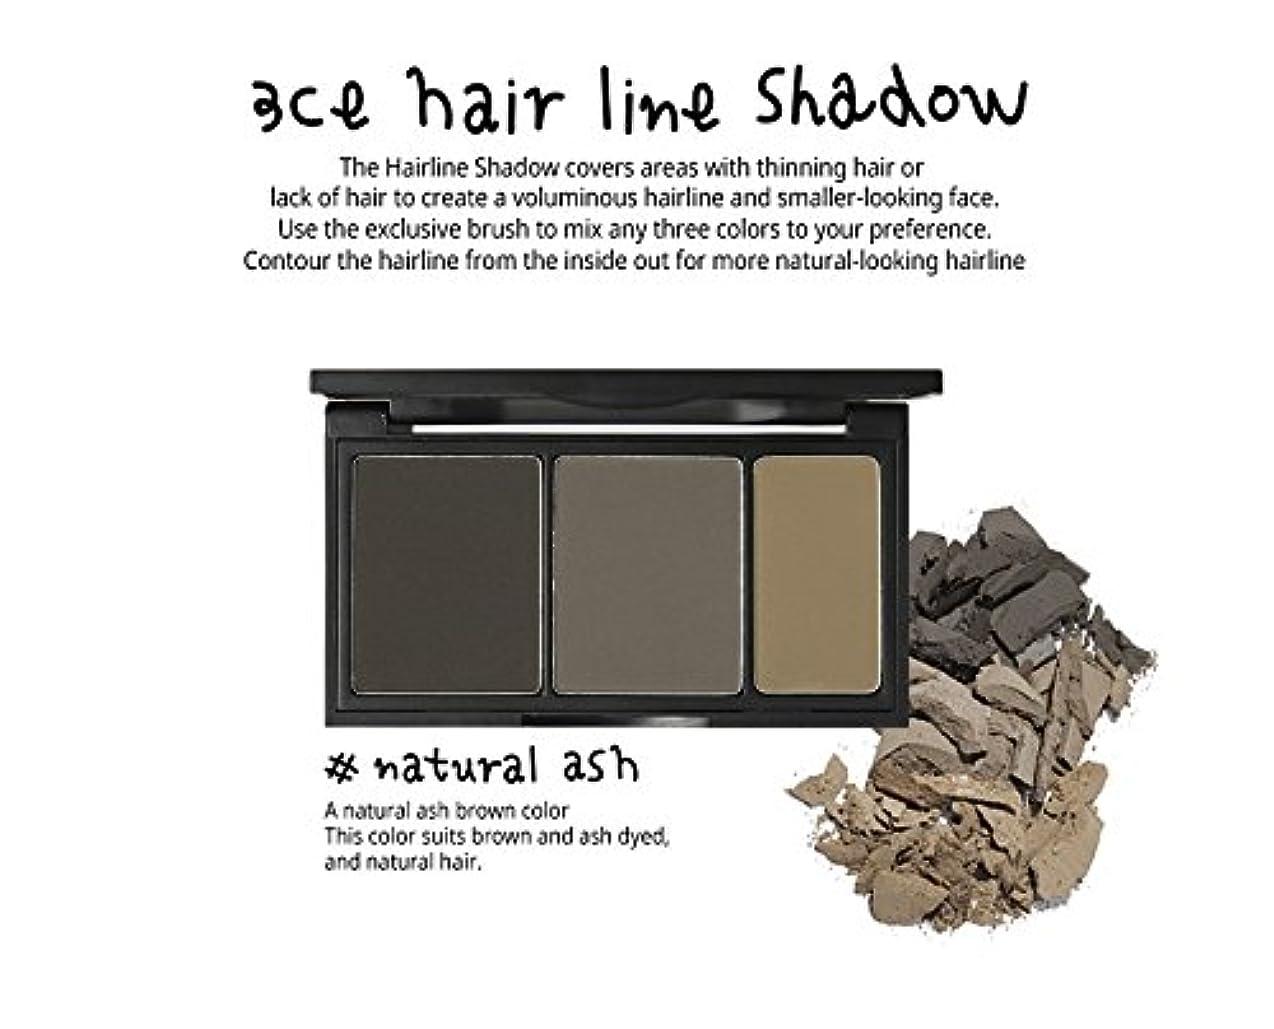 わかるビリーフレッシュ3 Concept Eyes 3CE Hair Line Shadow ヘアラインシャドー(Natural Ash)